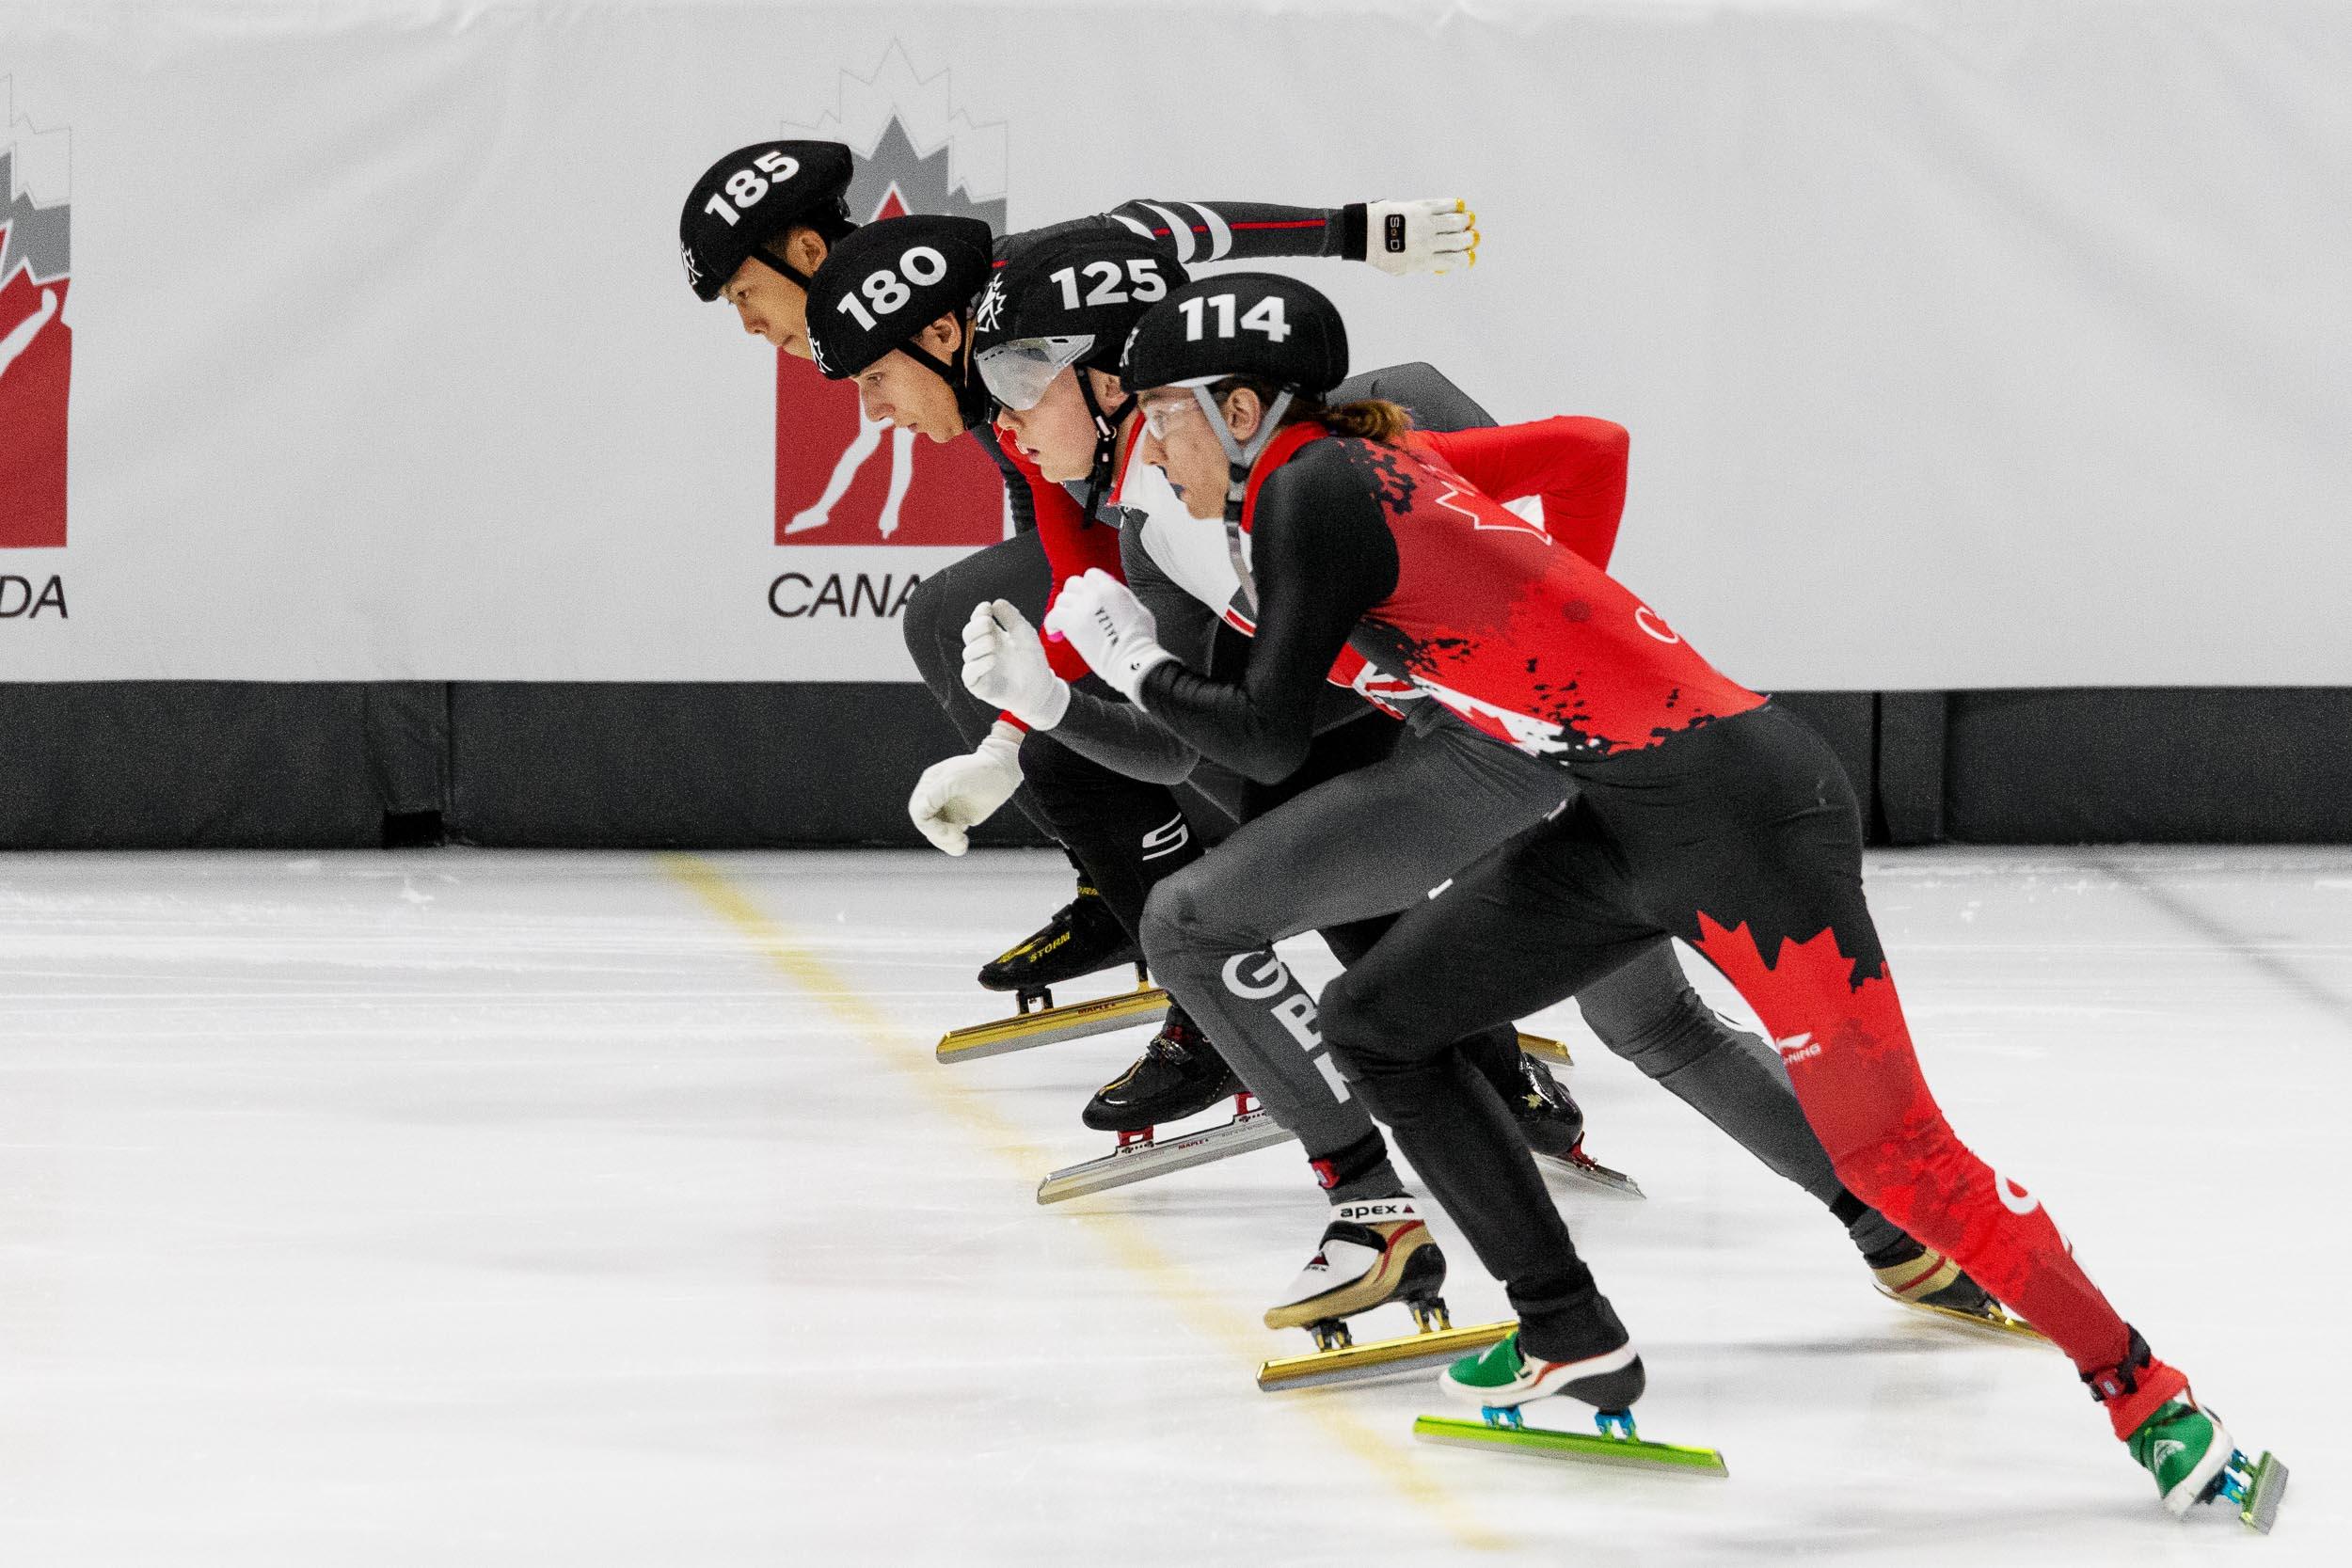 SpeedSkating_Jr19-2.jpg